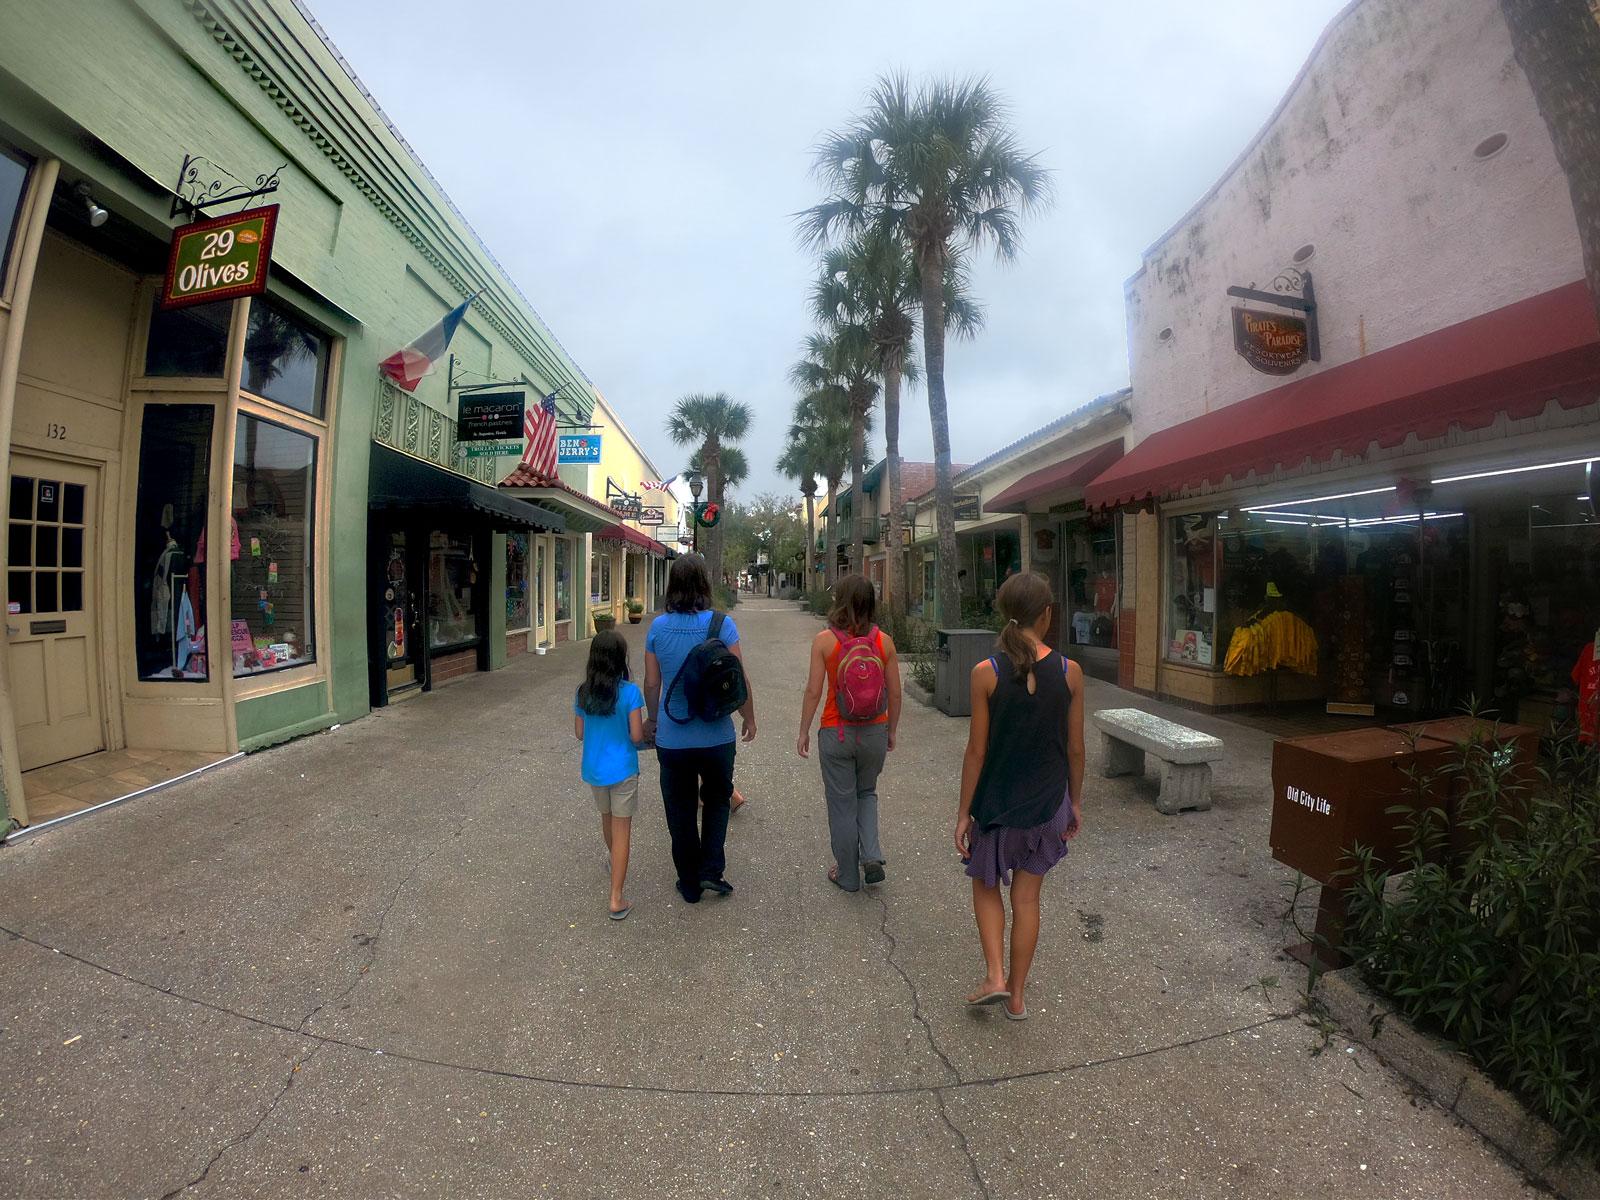 Four people walking down St. George Street in Saint Augustine, Florida